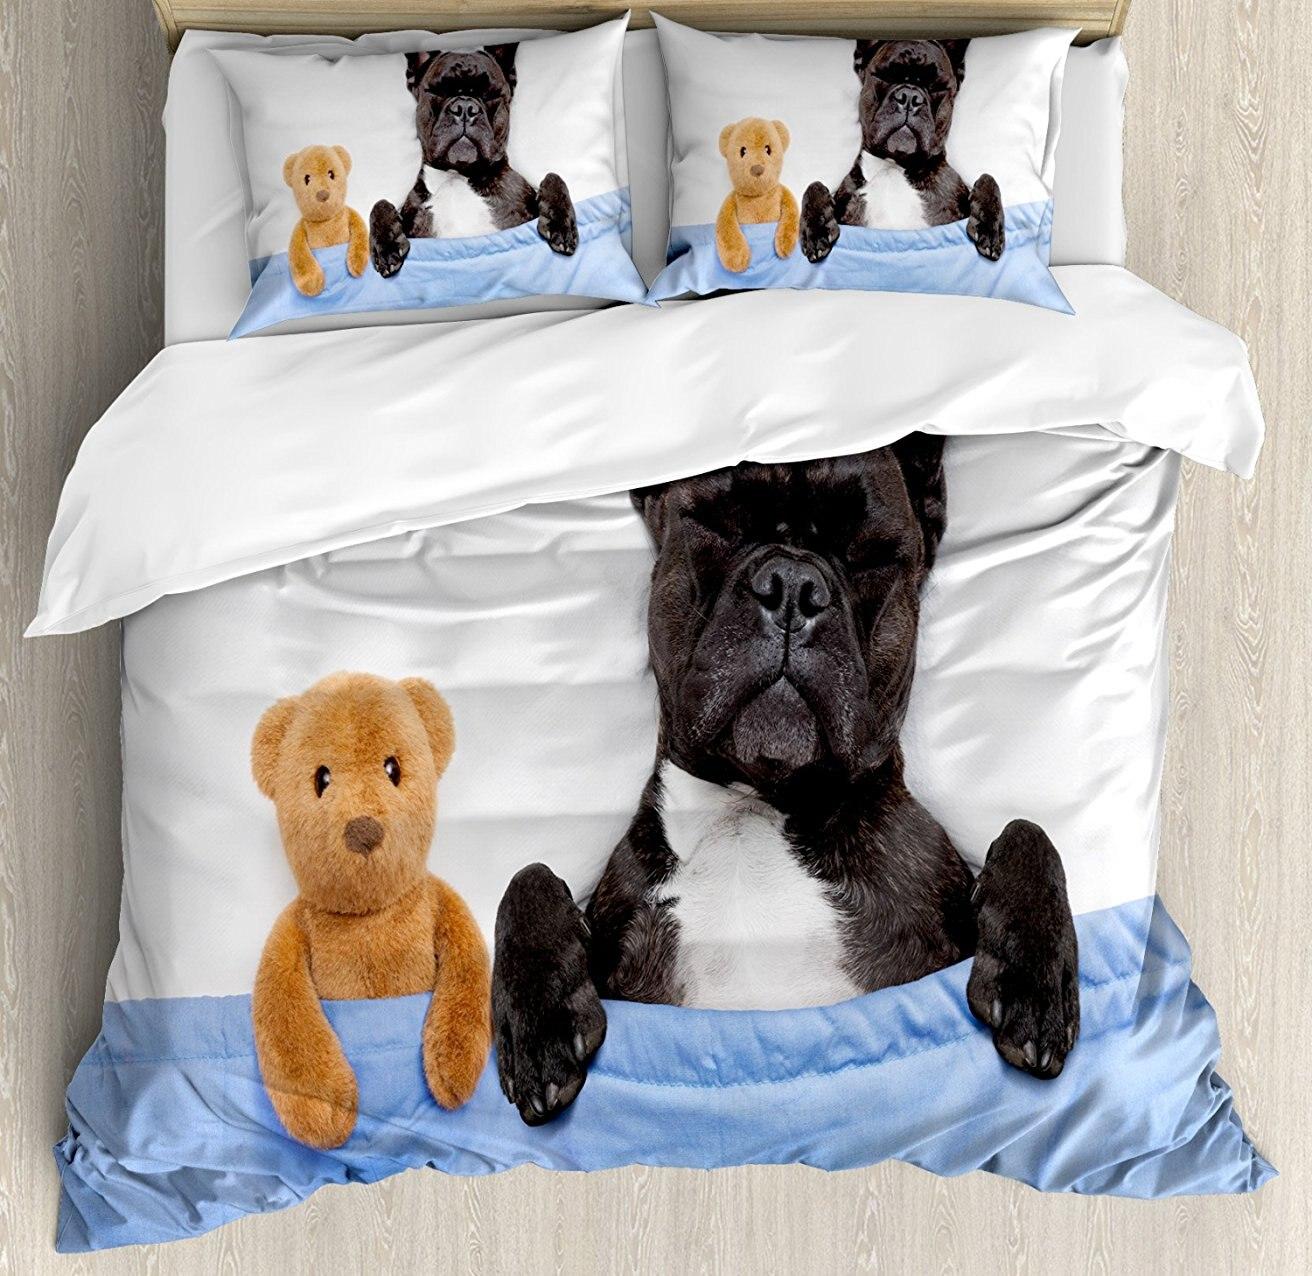 Ensemble housse de couette, bouledogue français dormant avec ours en peluche dans un lit confortable meilleurs amis Image de rêves amusants, ensemble de literie 4 pièces